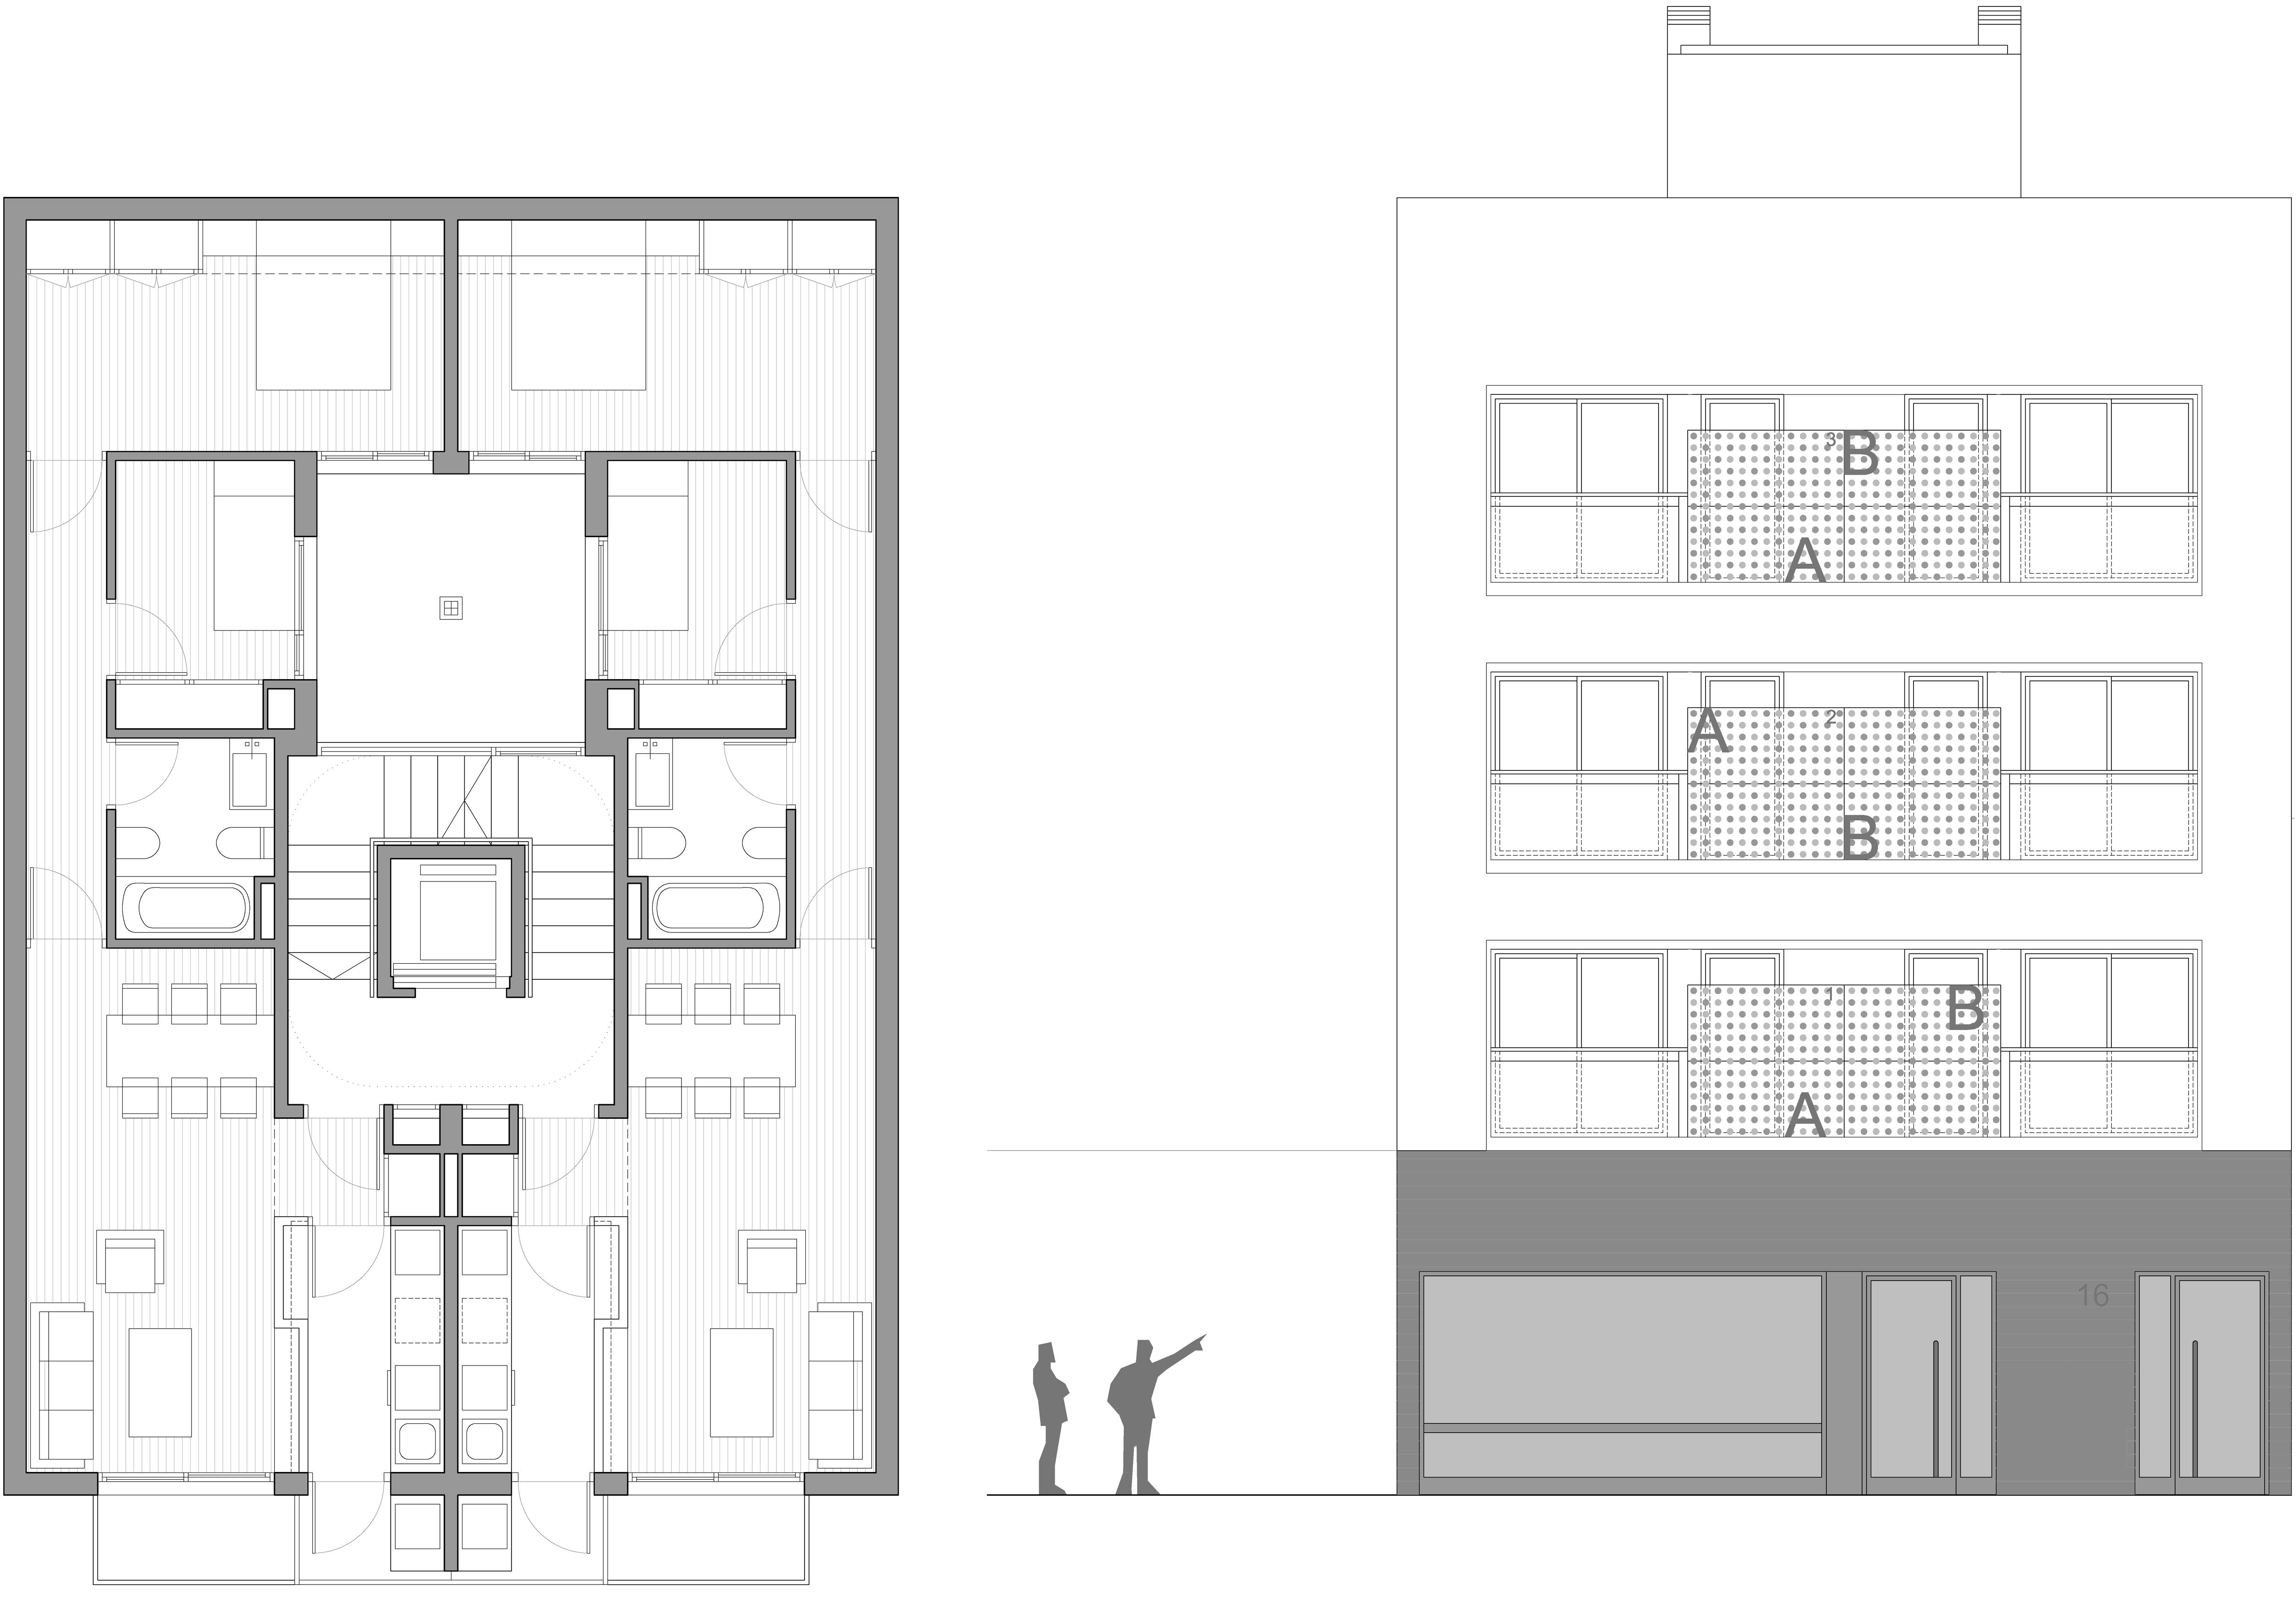 Viviendas unifamiliares en Alicante. Arquitectos Alicante. Estudio de Arquitectura en la Costa Blanca.